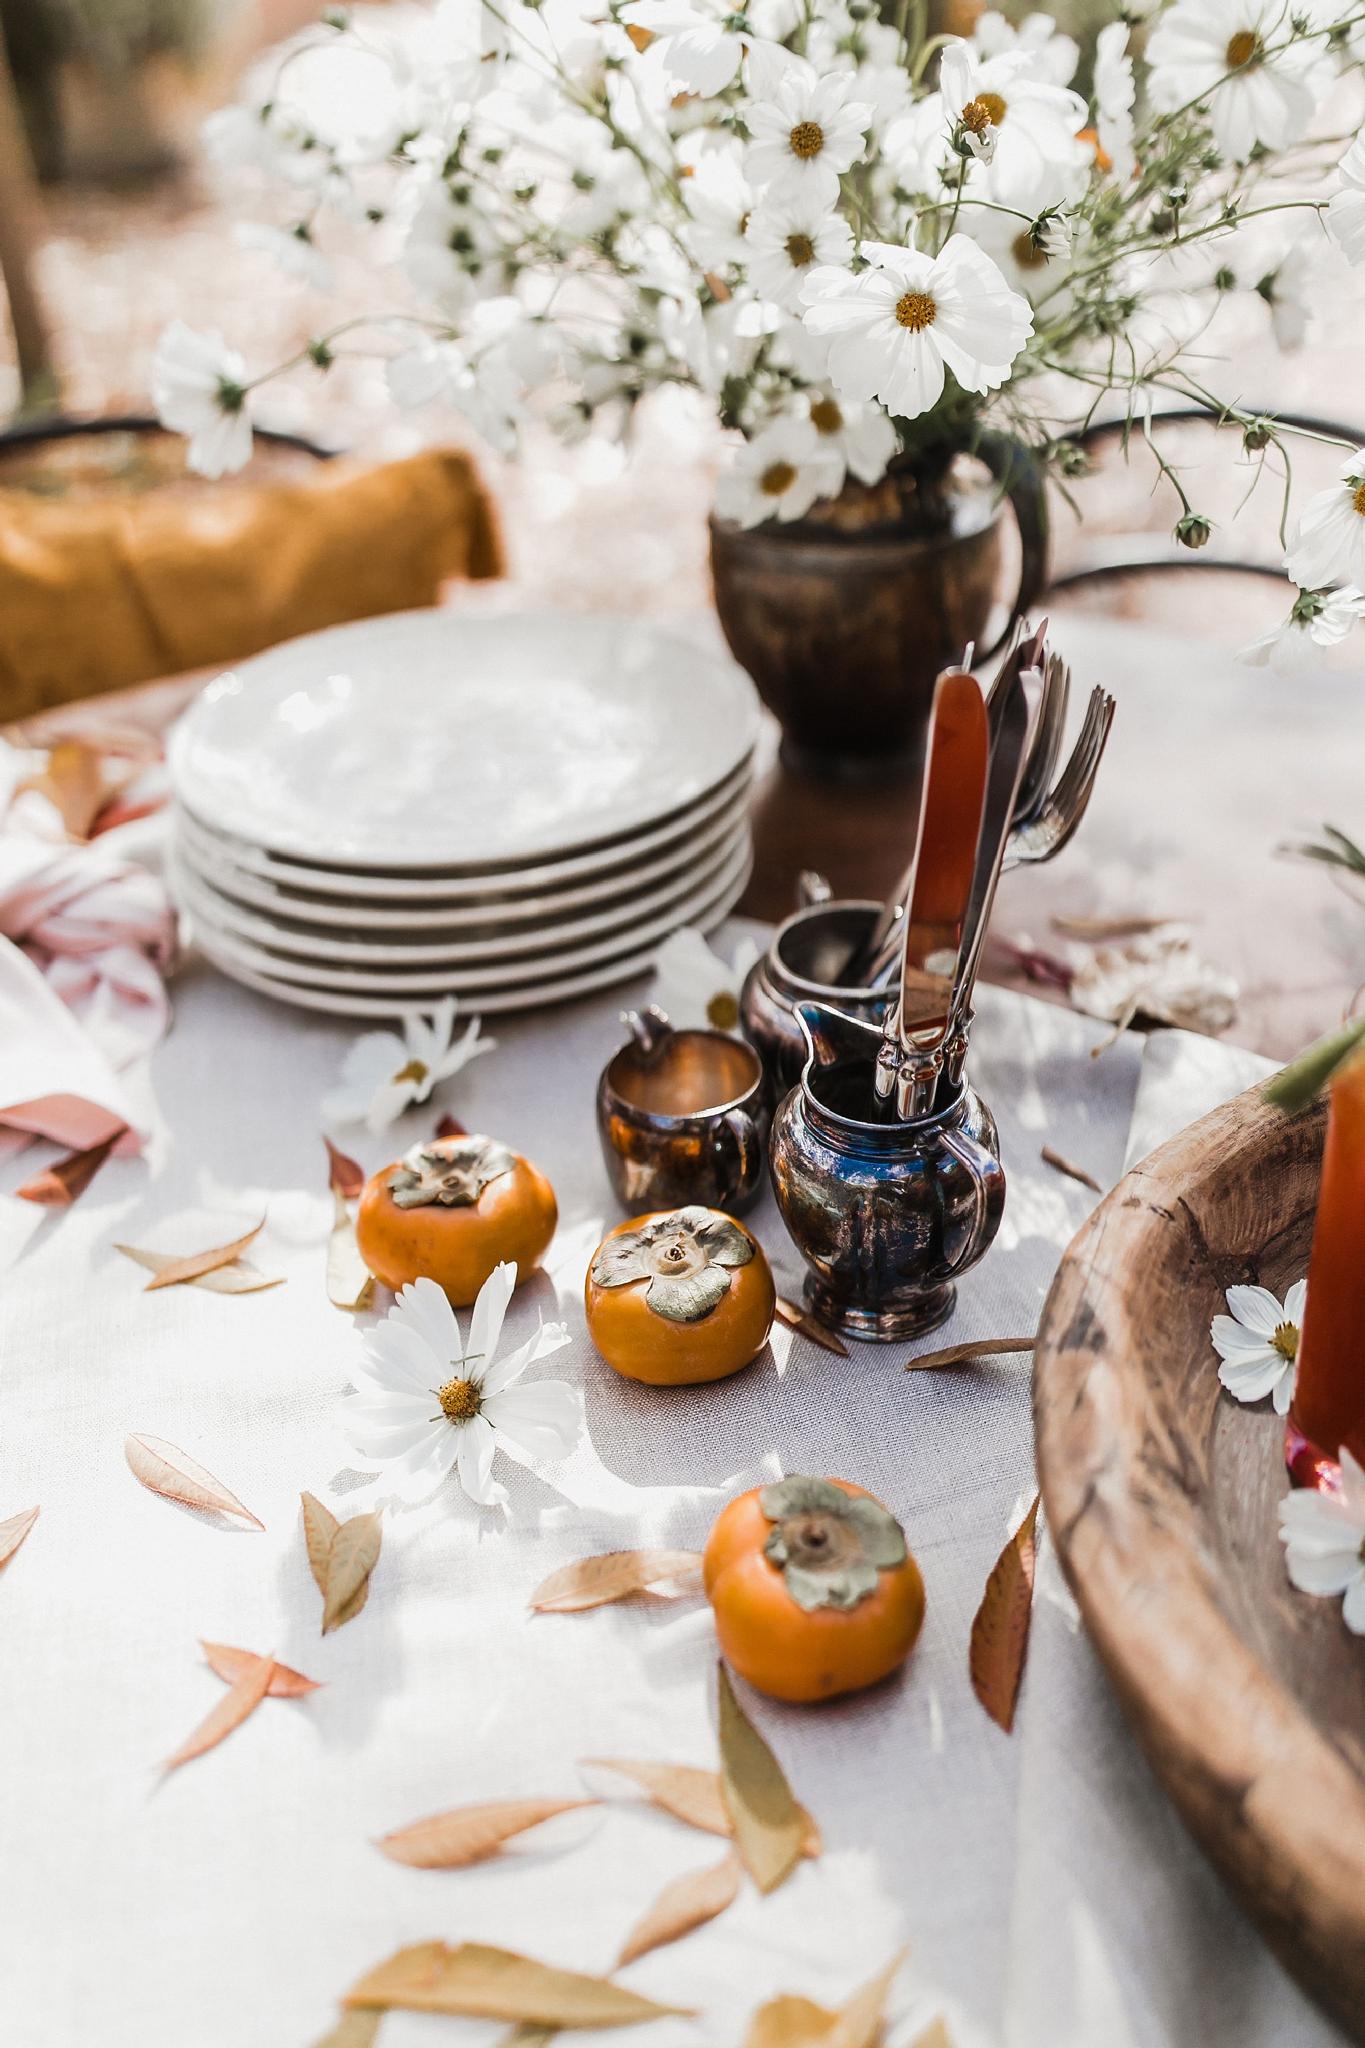 Alicia+lucia+photography+-+albuquerque+wedding+photographer+-+santa+fe+wedding+photography+-+new+mexico+wedding+photographer+-+new+mexico+wedding+-+new+mexico+florist+-+floriography+flowers+-+floriography+flowers+new+mexico+-+wedding+florist_0024.jpg